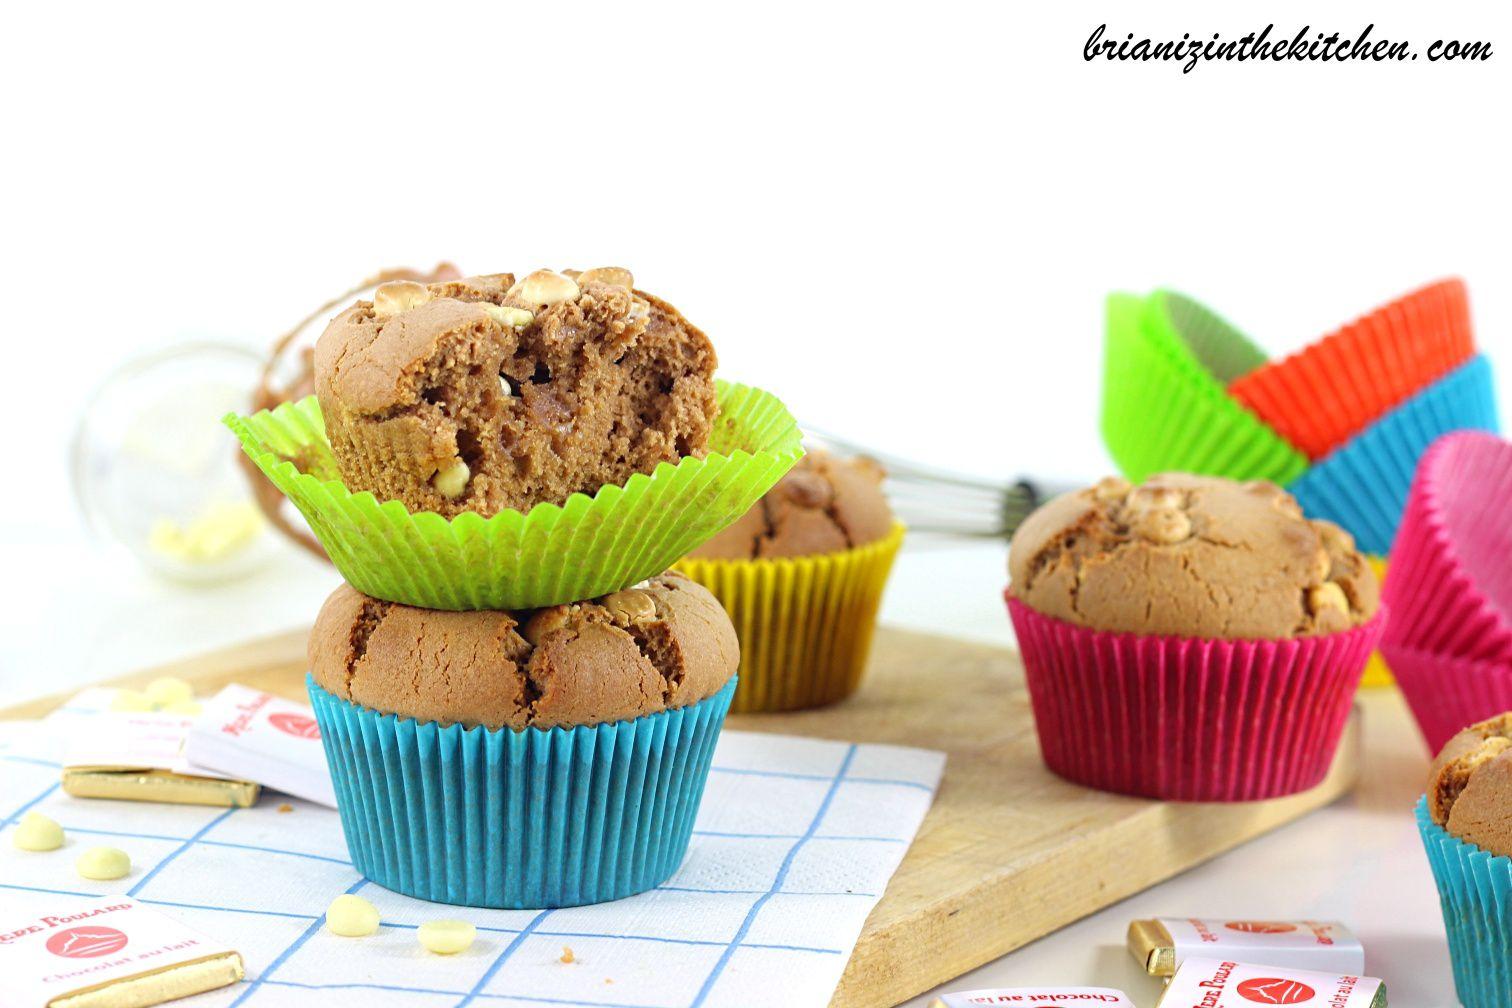 Muffins au Chocolat au Lait &amp&#x3B; Pépites de Chocolat Blanc - La Mère Poulard